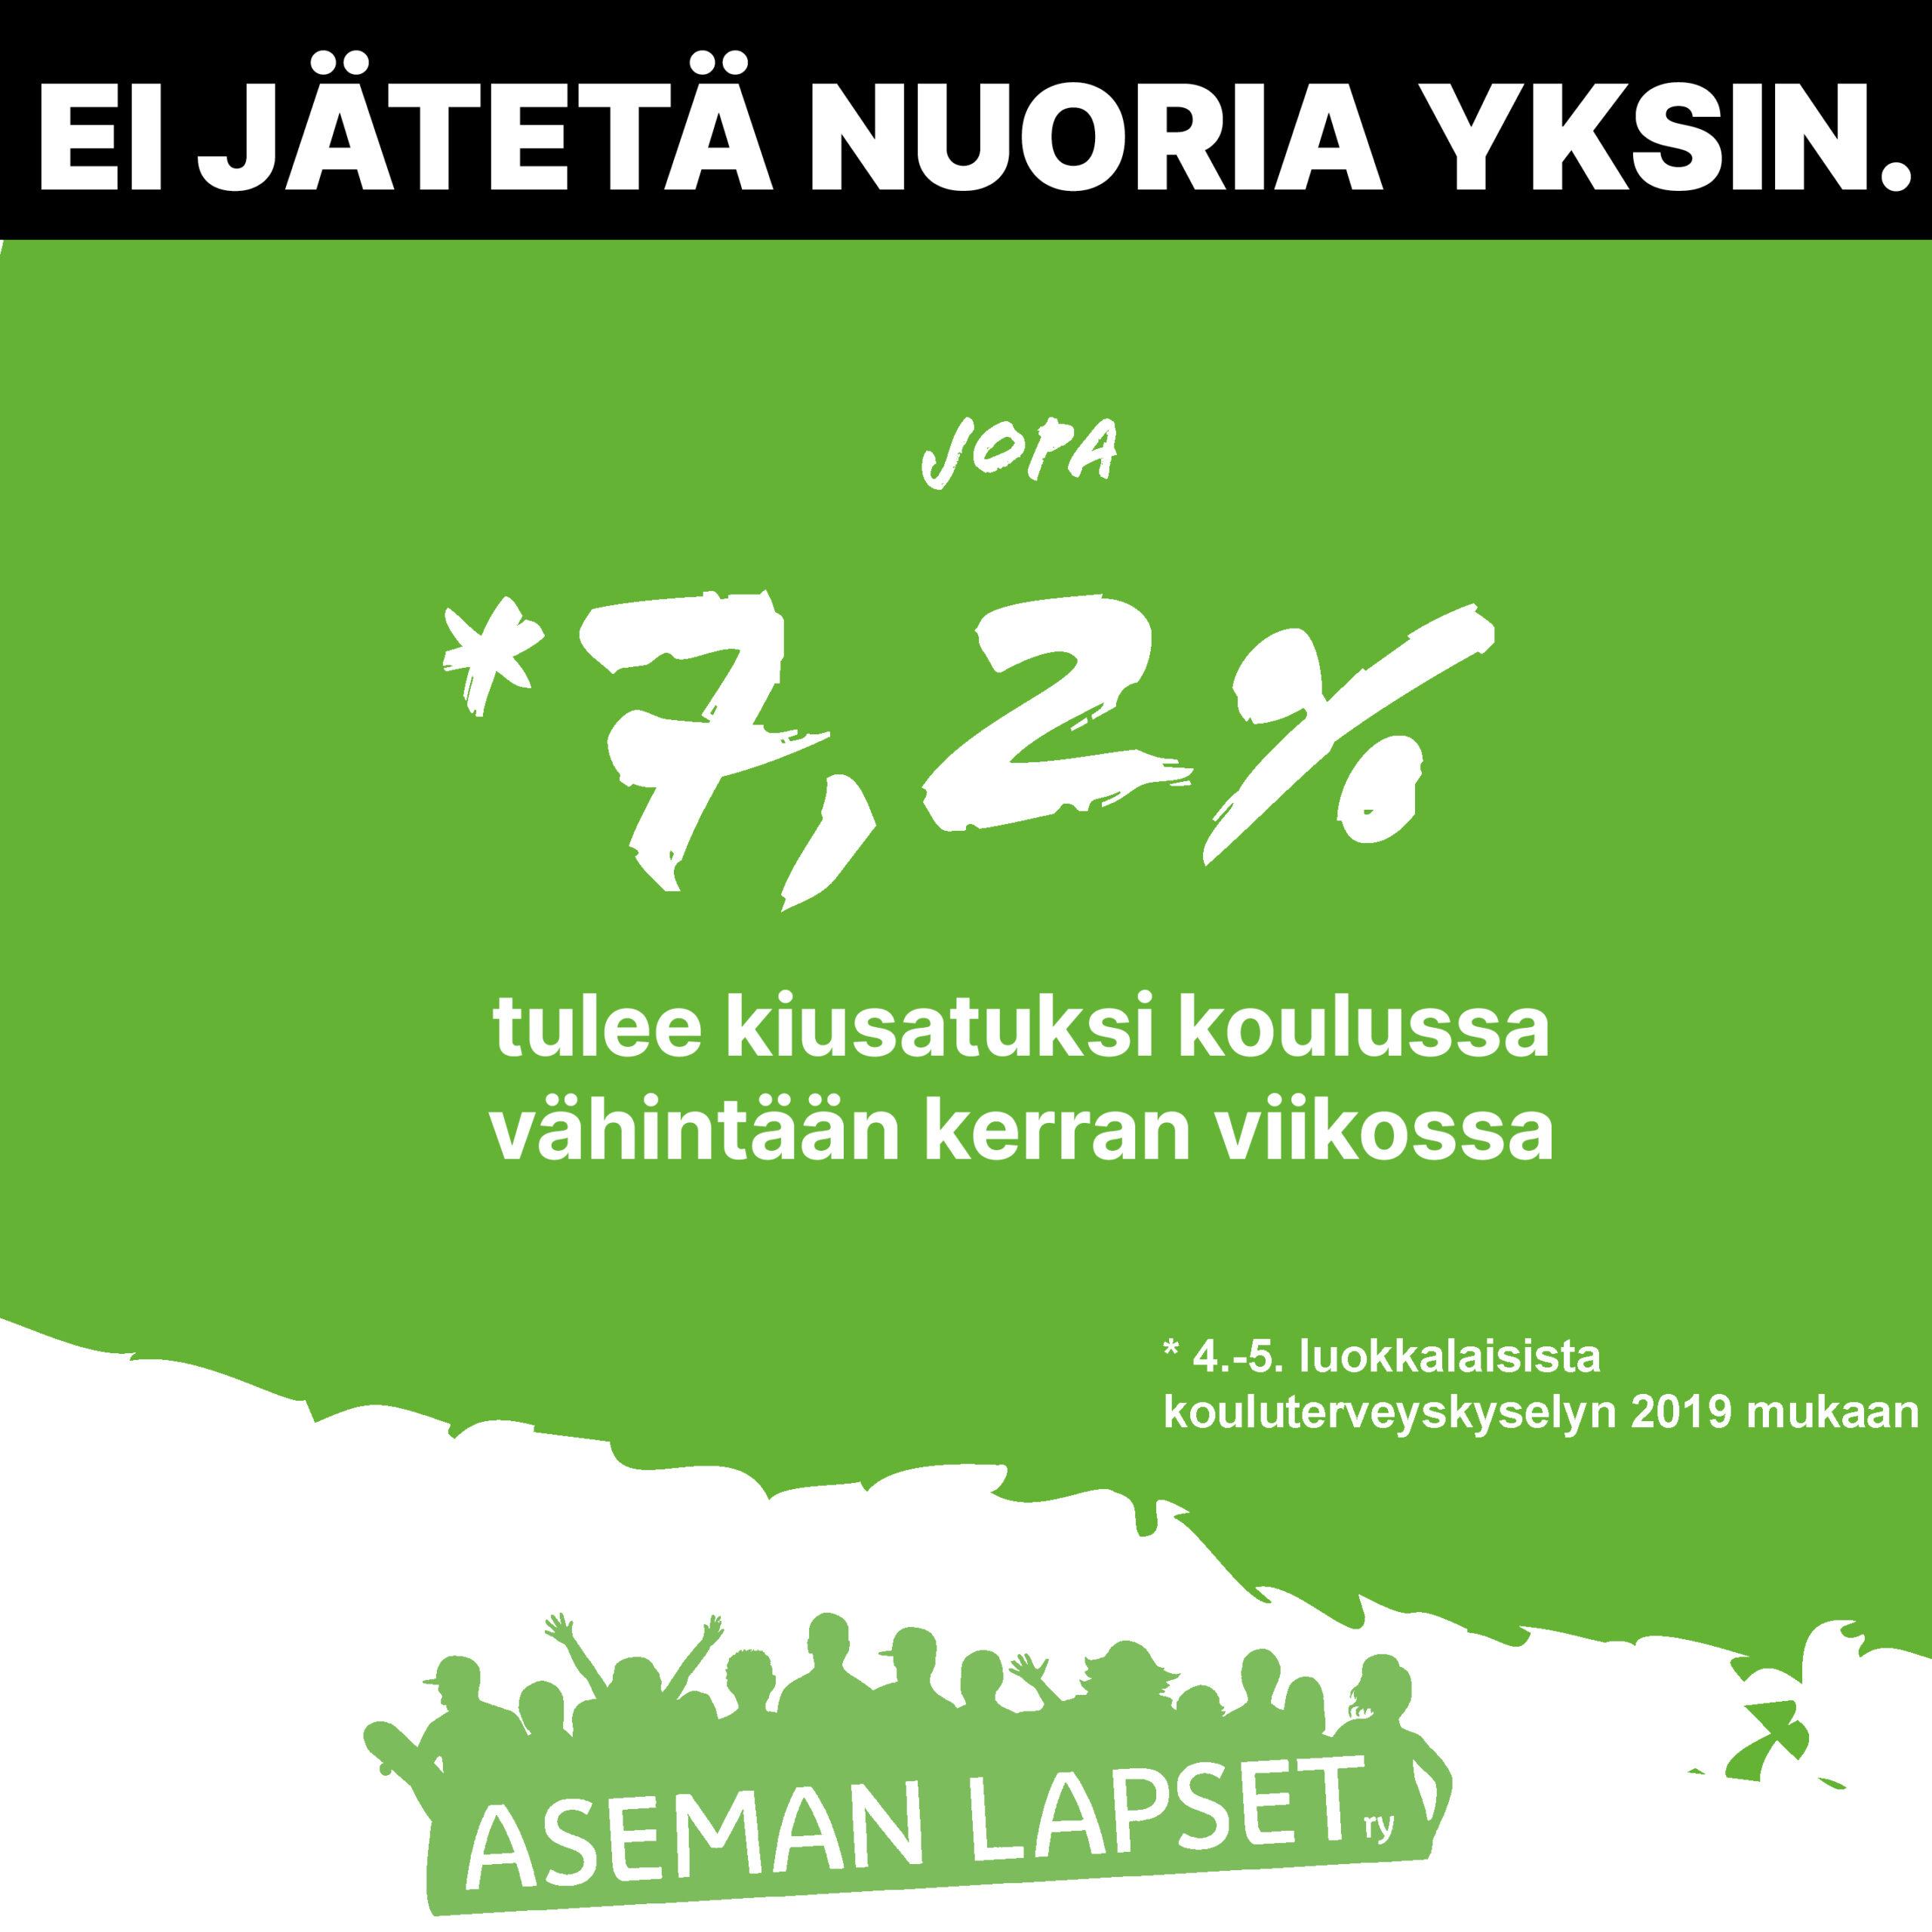 Teksti vihreällä pohjalla: 7,2 prosenttia tulee kiusatuksi ioulussa vähintään kerran viikossa.